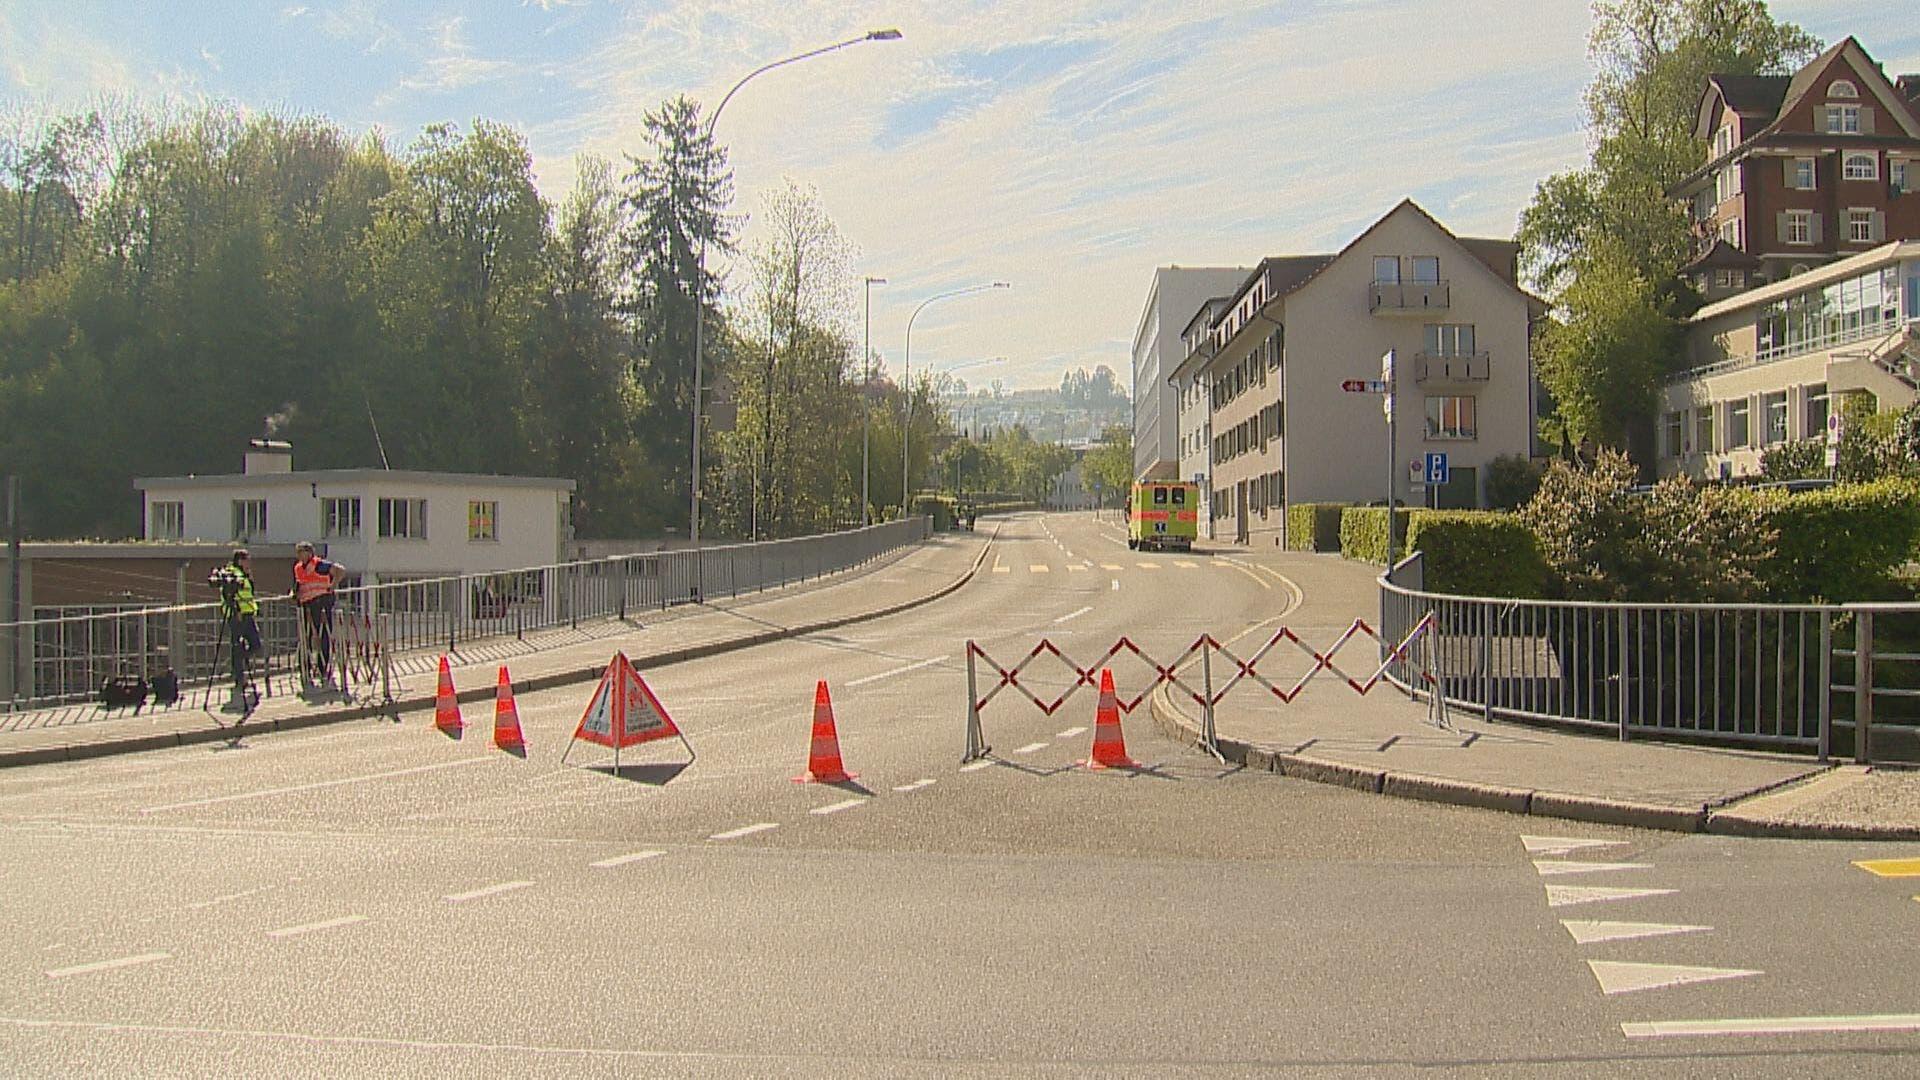 Die Polizei hat den Bereich rund um die Bahnhofstrasse grossräumig abgesperrt. (Bild: BRK News)